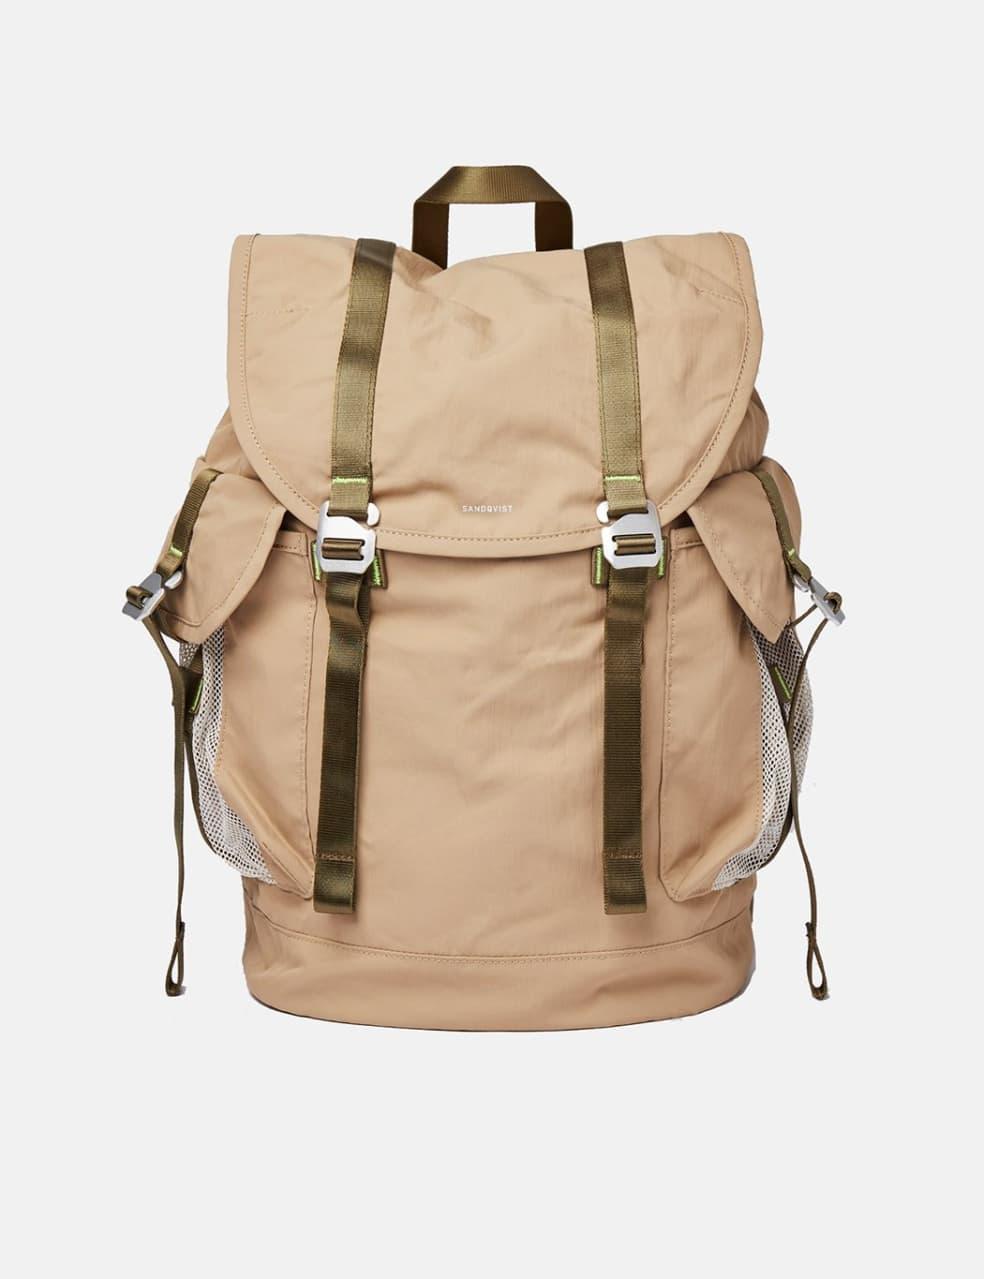 Sandqvist Charlie Backpack (Vegan) - Beige   Backpack by Sandqvist 1